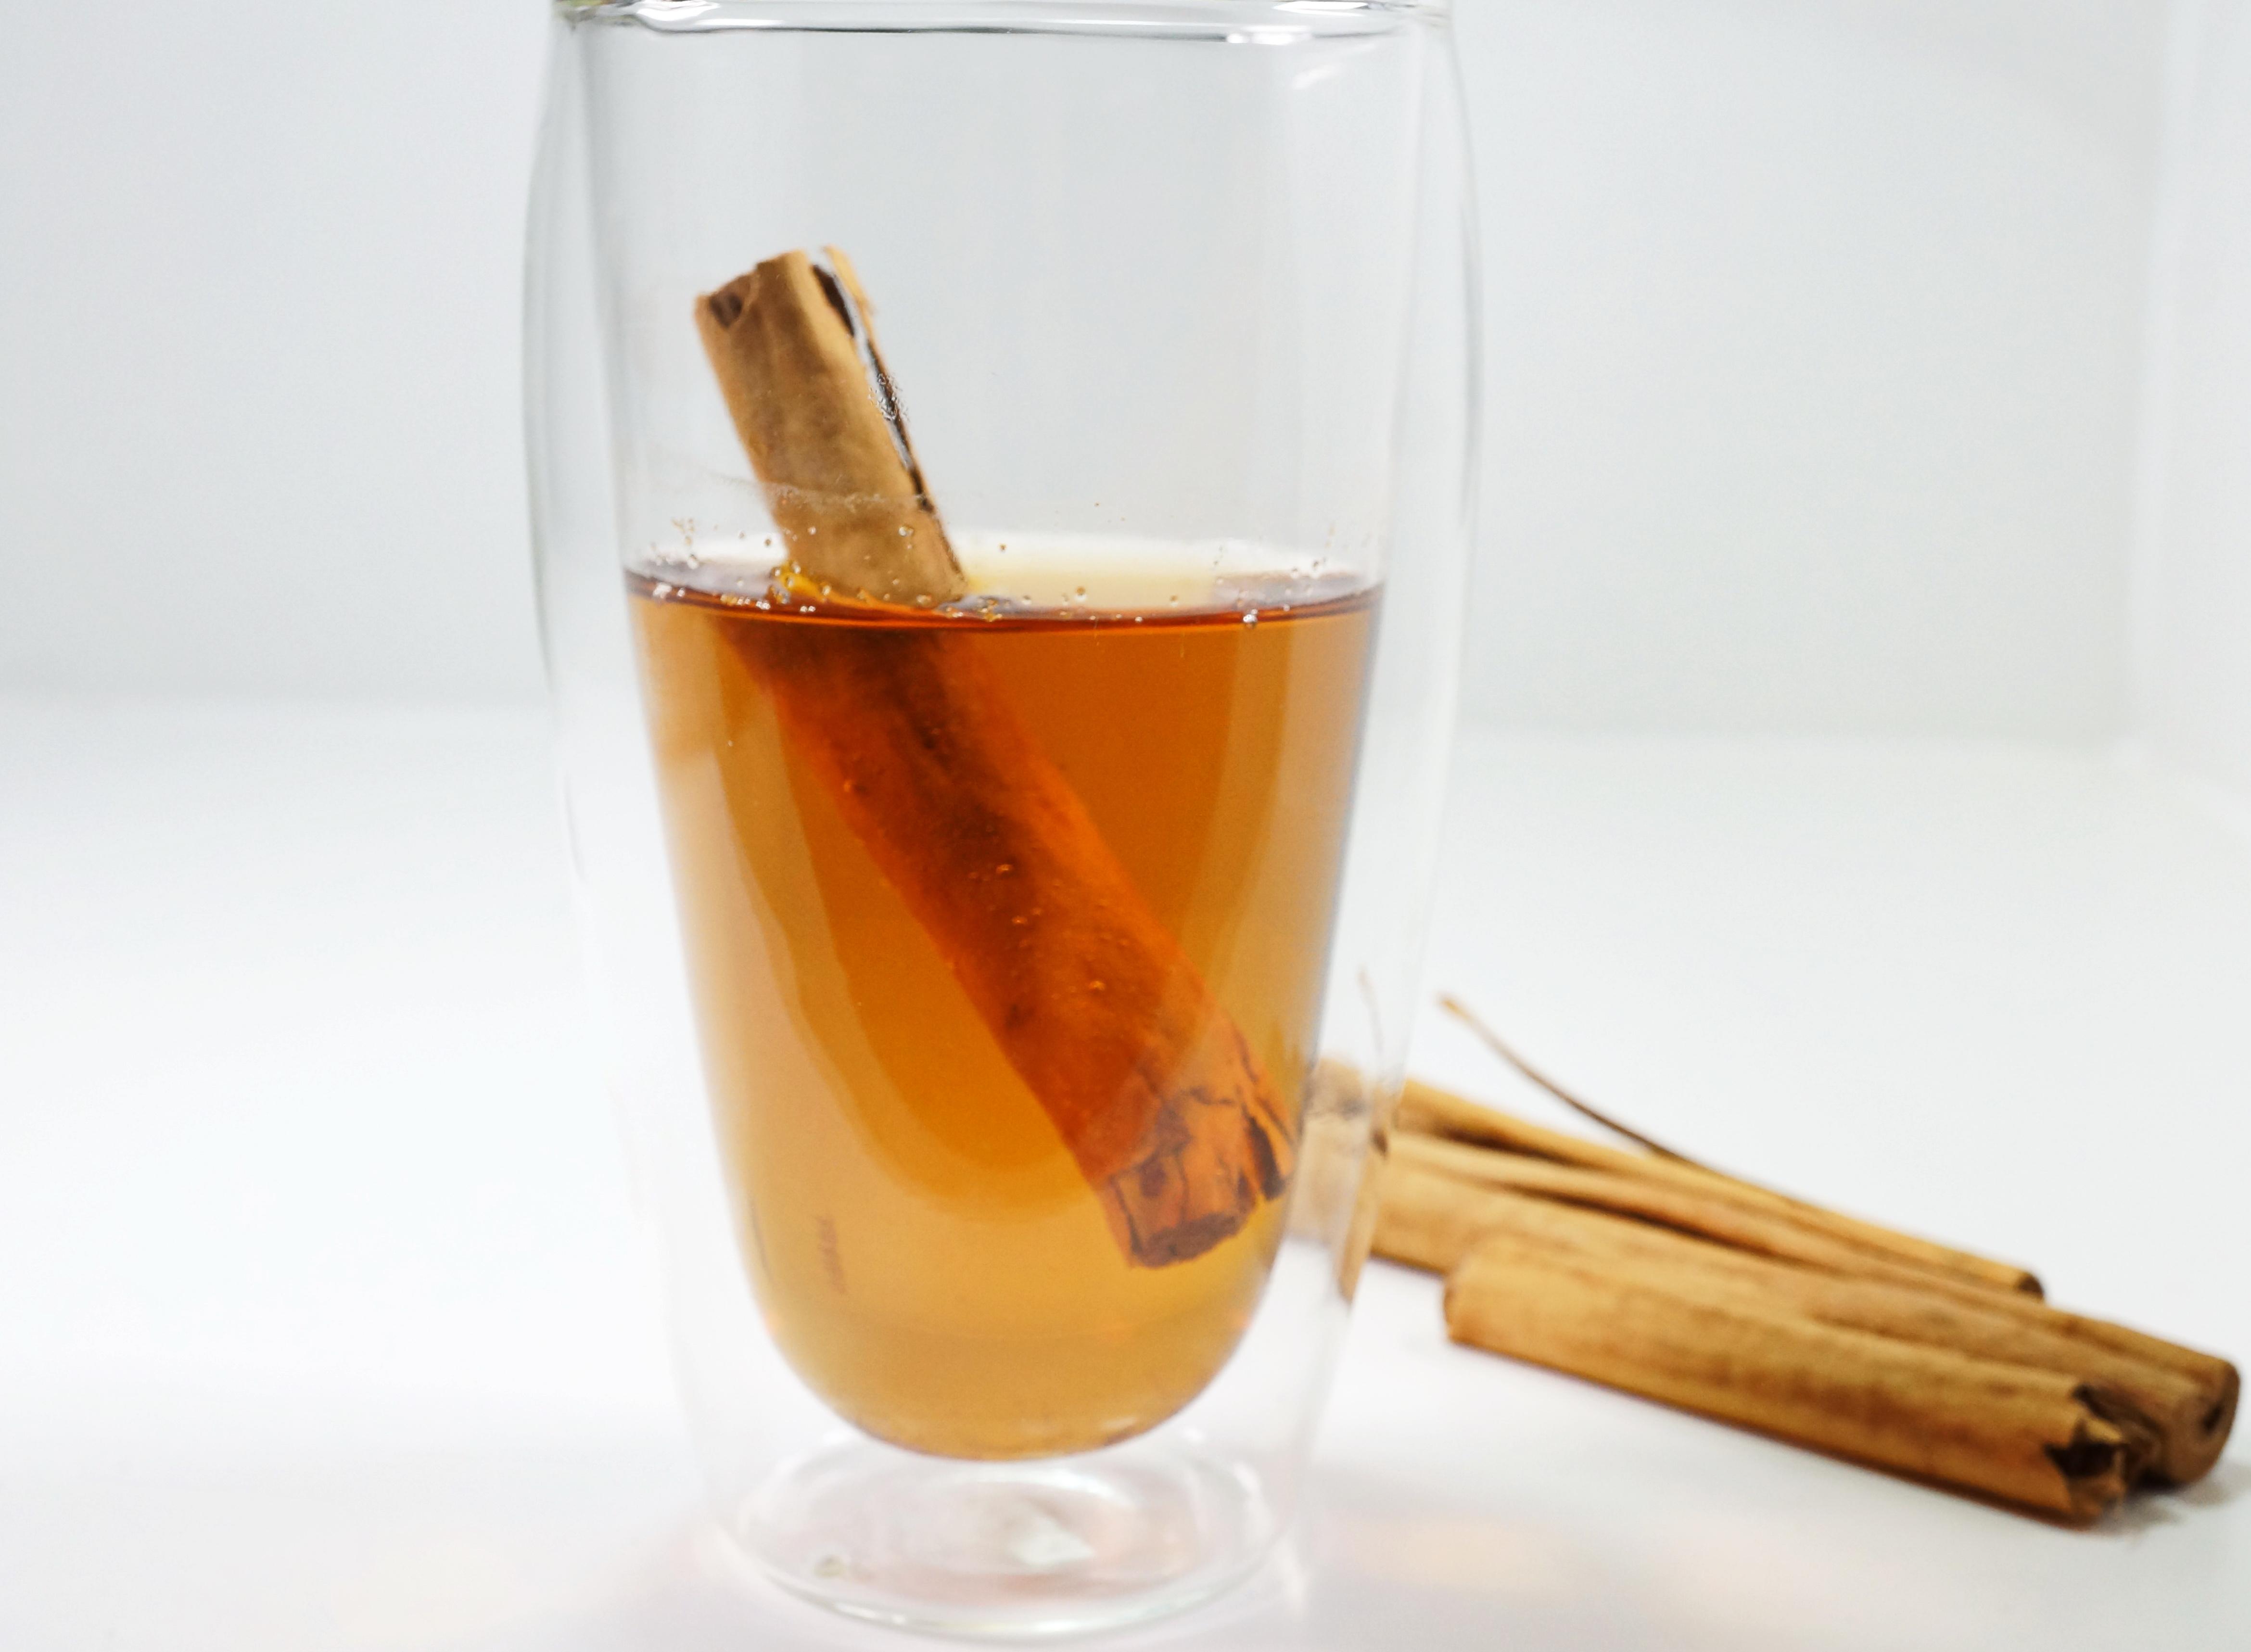 Apfelsaft mit Zimt_hot apple juice with cinnamon